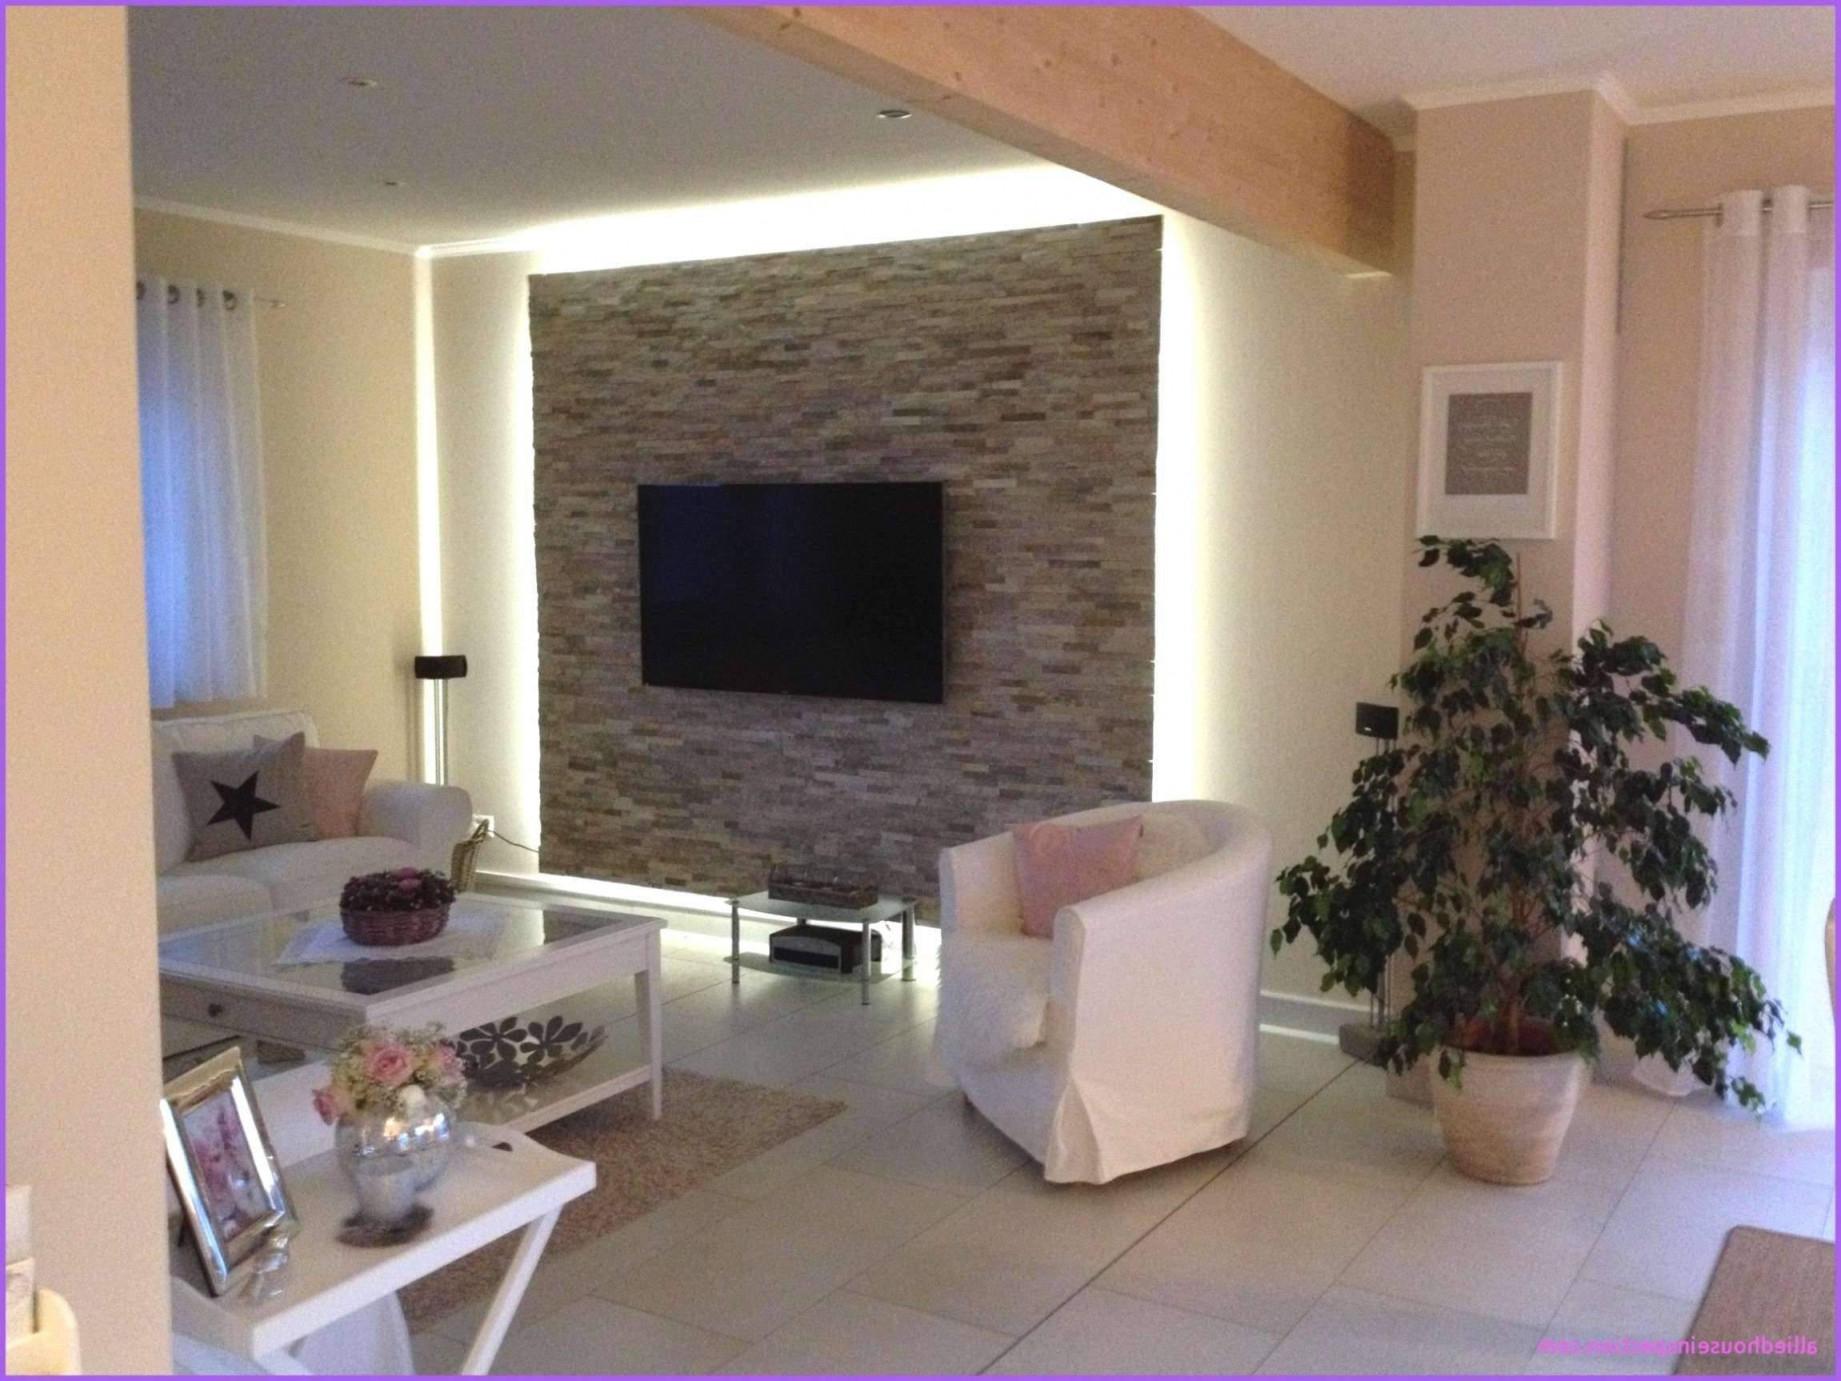 Wohnzimmer Deko Wand Genial Wand Design Ideen Wohnzimmer von Wand Wohnzimmer Deko Photo